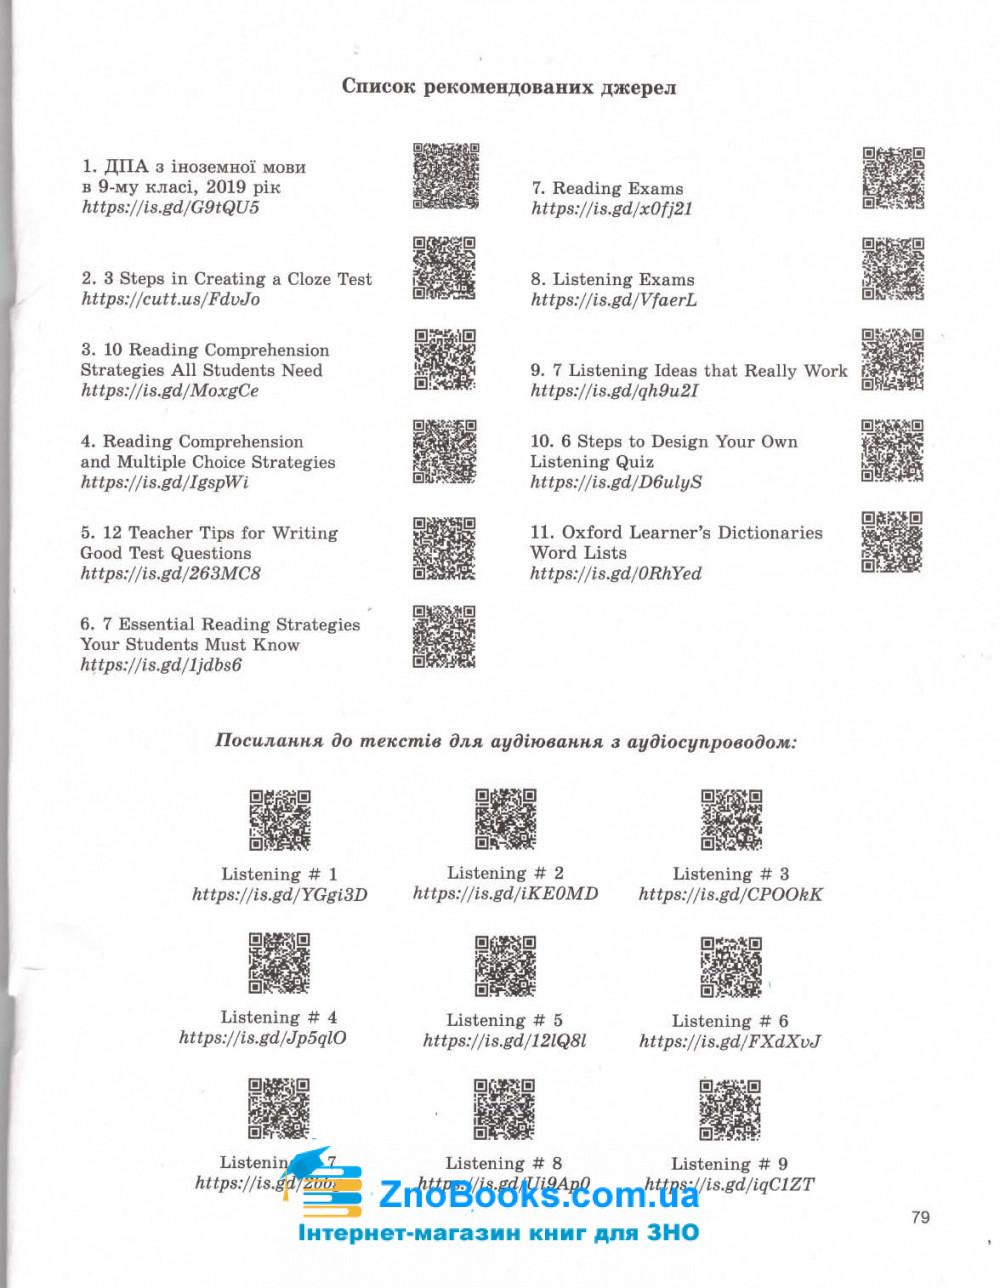 ДПА 9 клас 2021 англійська мова. Збірник завдань : Куриш С., Войтоловська С., Моспан Н. Генеза. Купити 8